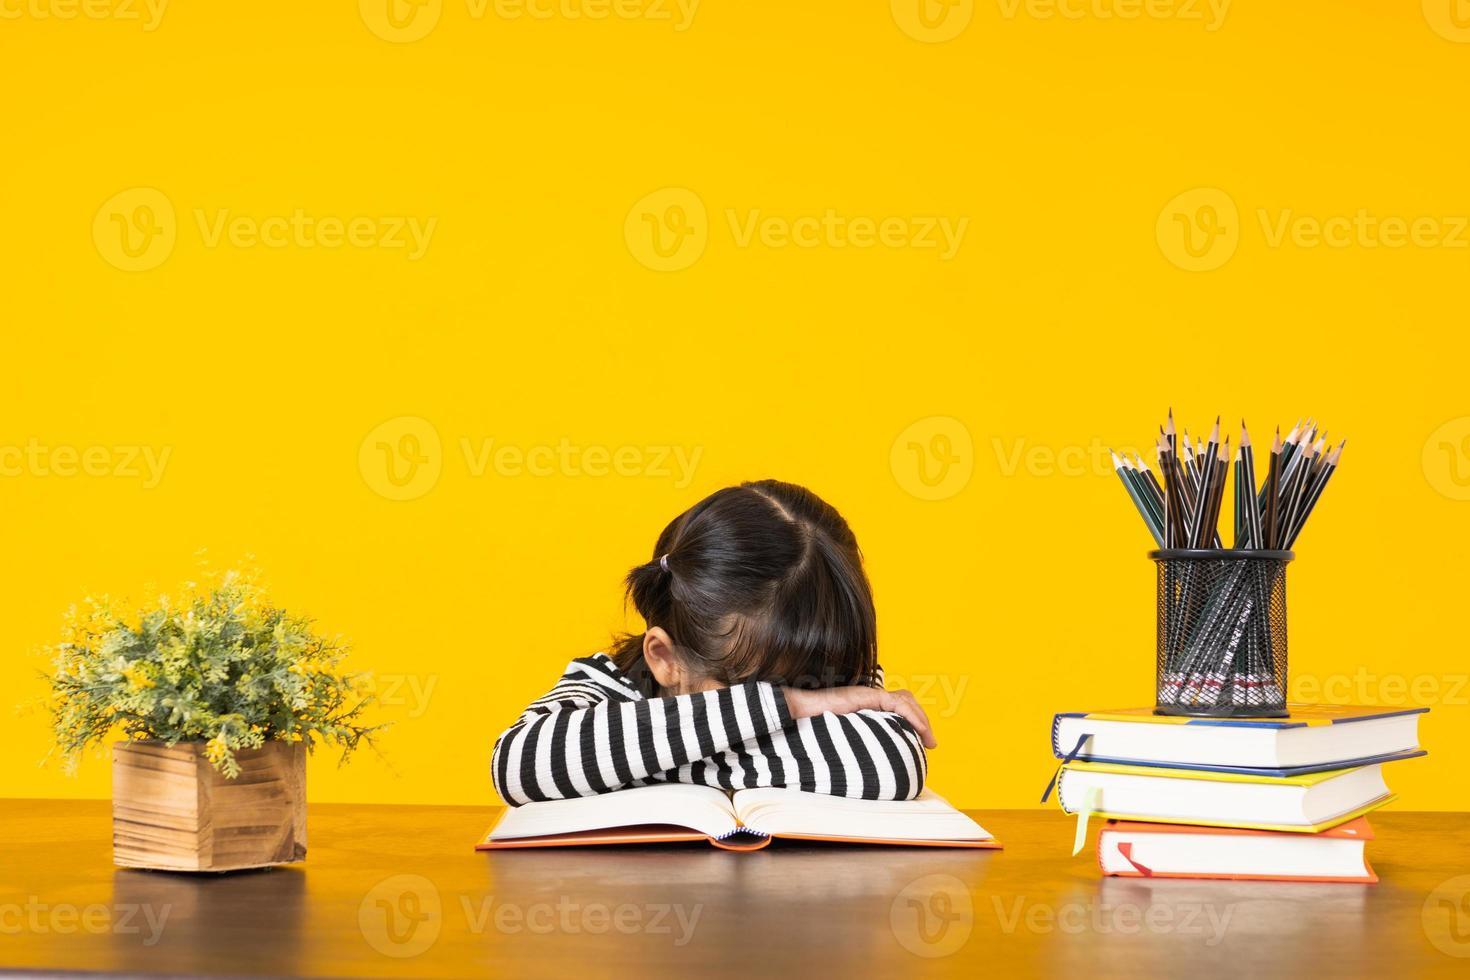 menina com escondeu nos braços cruzados sobre o livro aberto em uma mesa de madeira com outros livros e lápis com fundo amarelo foto